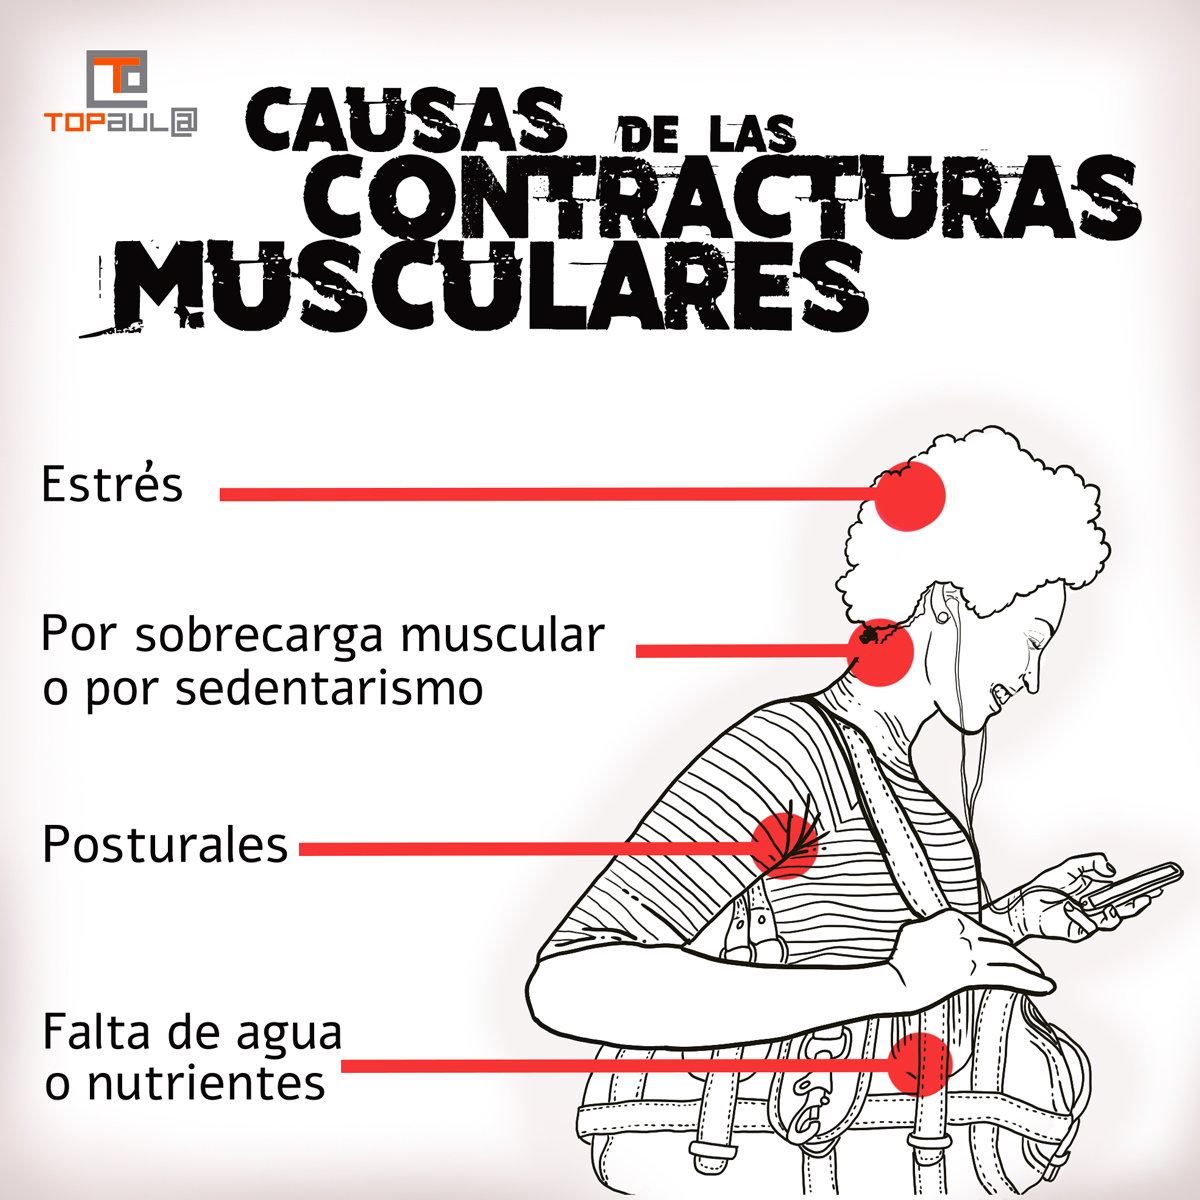 Infografía ¿Por qué sufrimos contracturas musculares? - www.topaulasalud.com